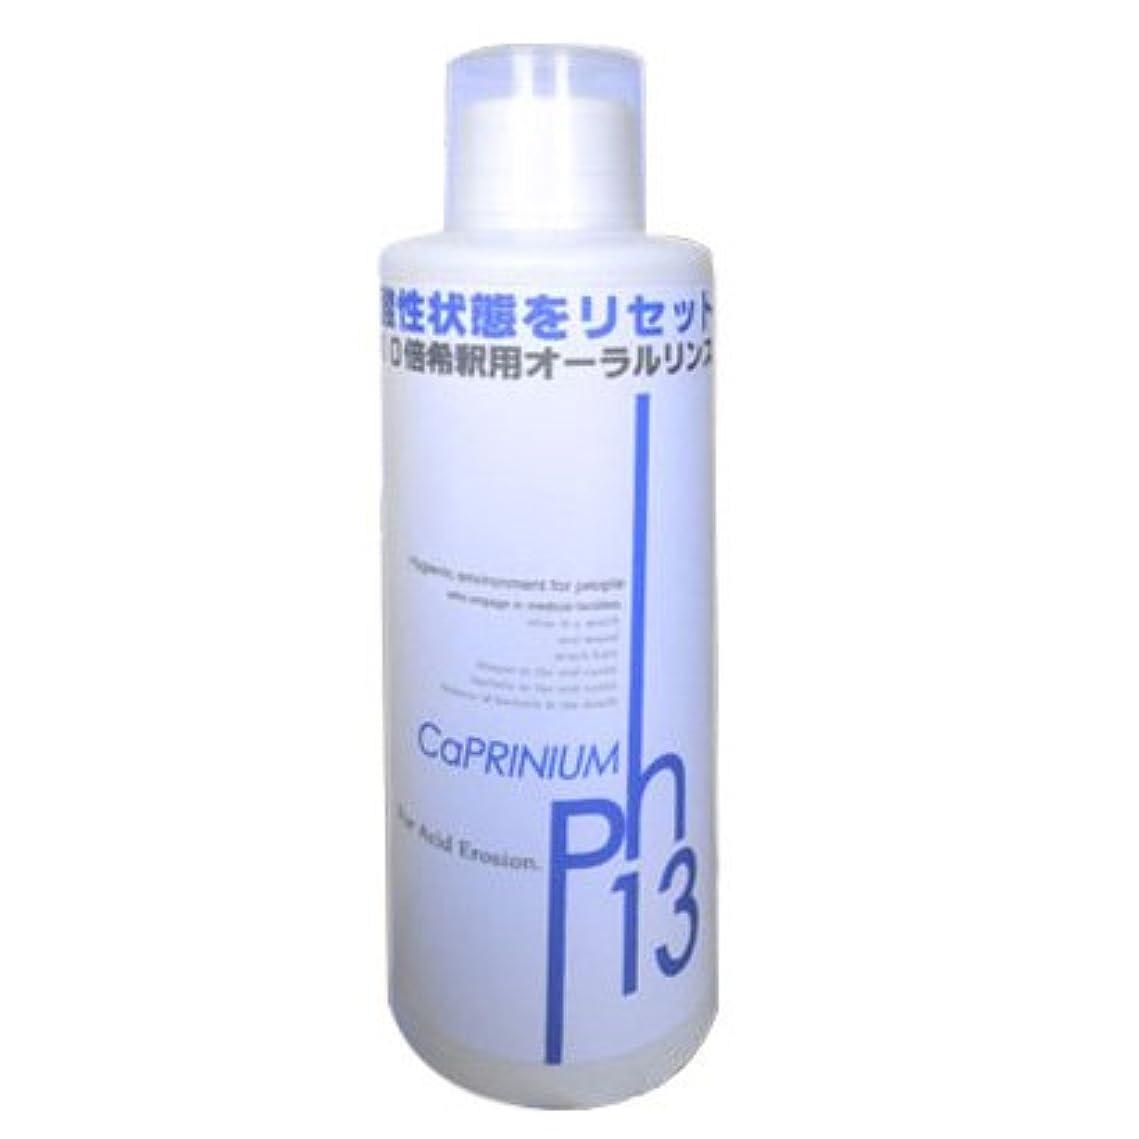 肉証書著名なカプリニウム サーティーンリンス(CaPRINIUM 13)